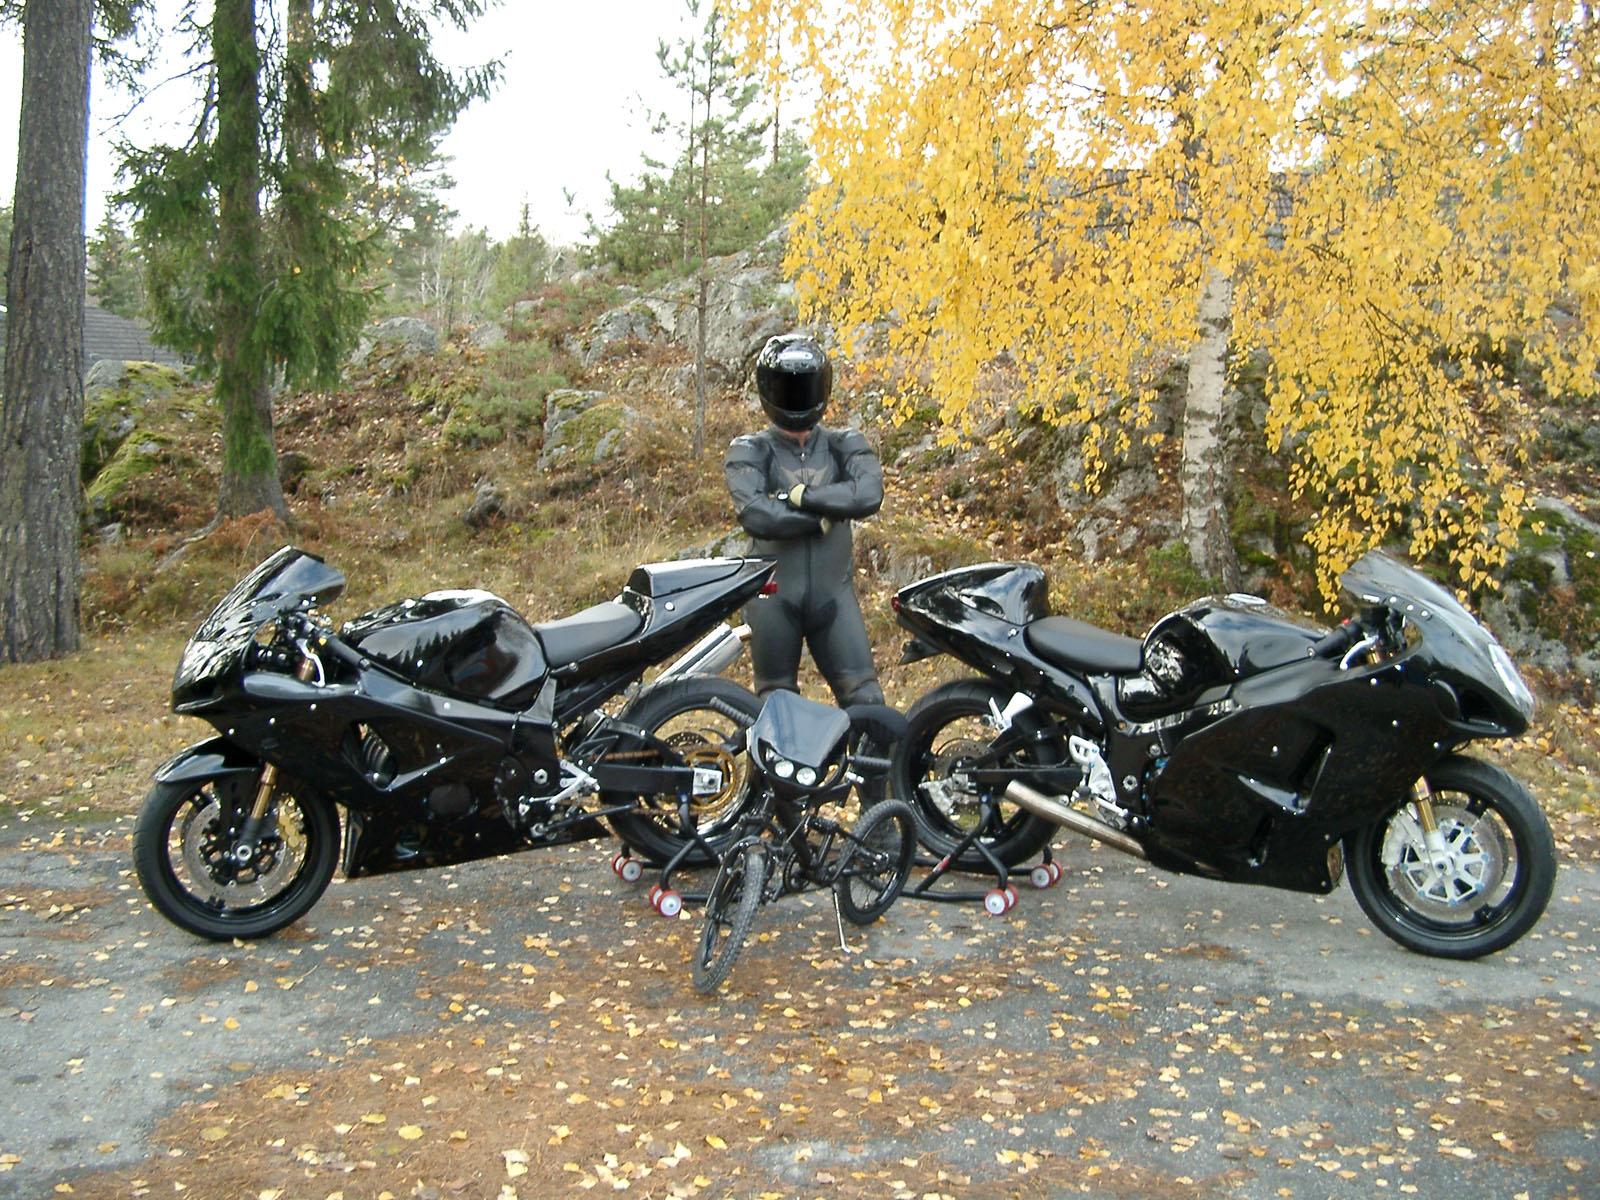 ghost rider szwedzki motocyklista. Black Bedroom Furniture Sets. Home Design Ideas